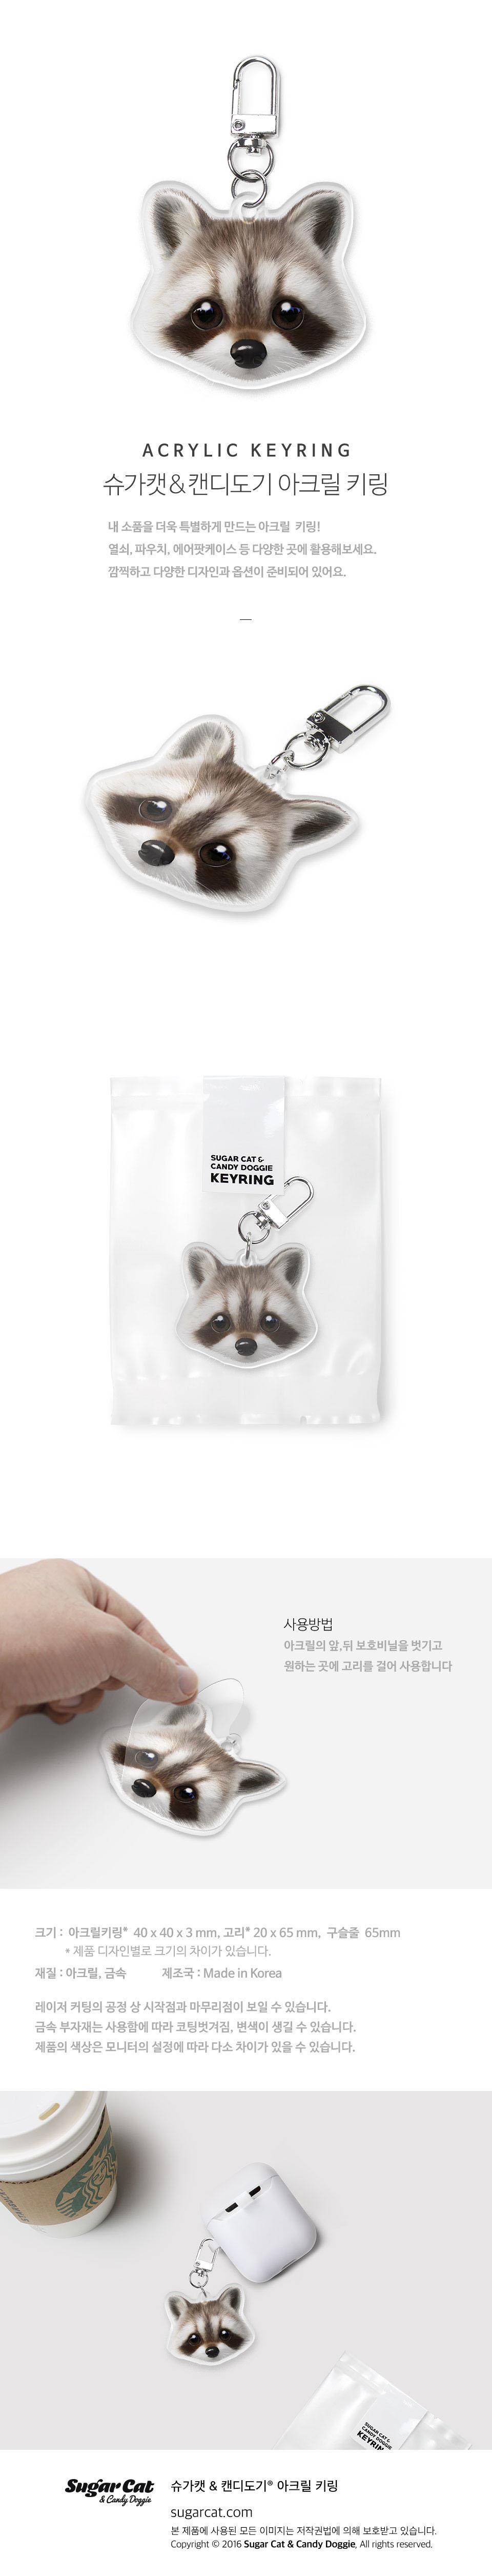 라쿤 너굴맨 얼굴 아크릴키링 - 슈가캣 캔디도기, 10,000원, 열쇠고리/키커버, 디자인키홀더